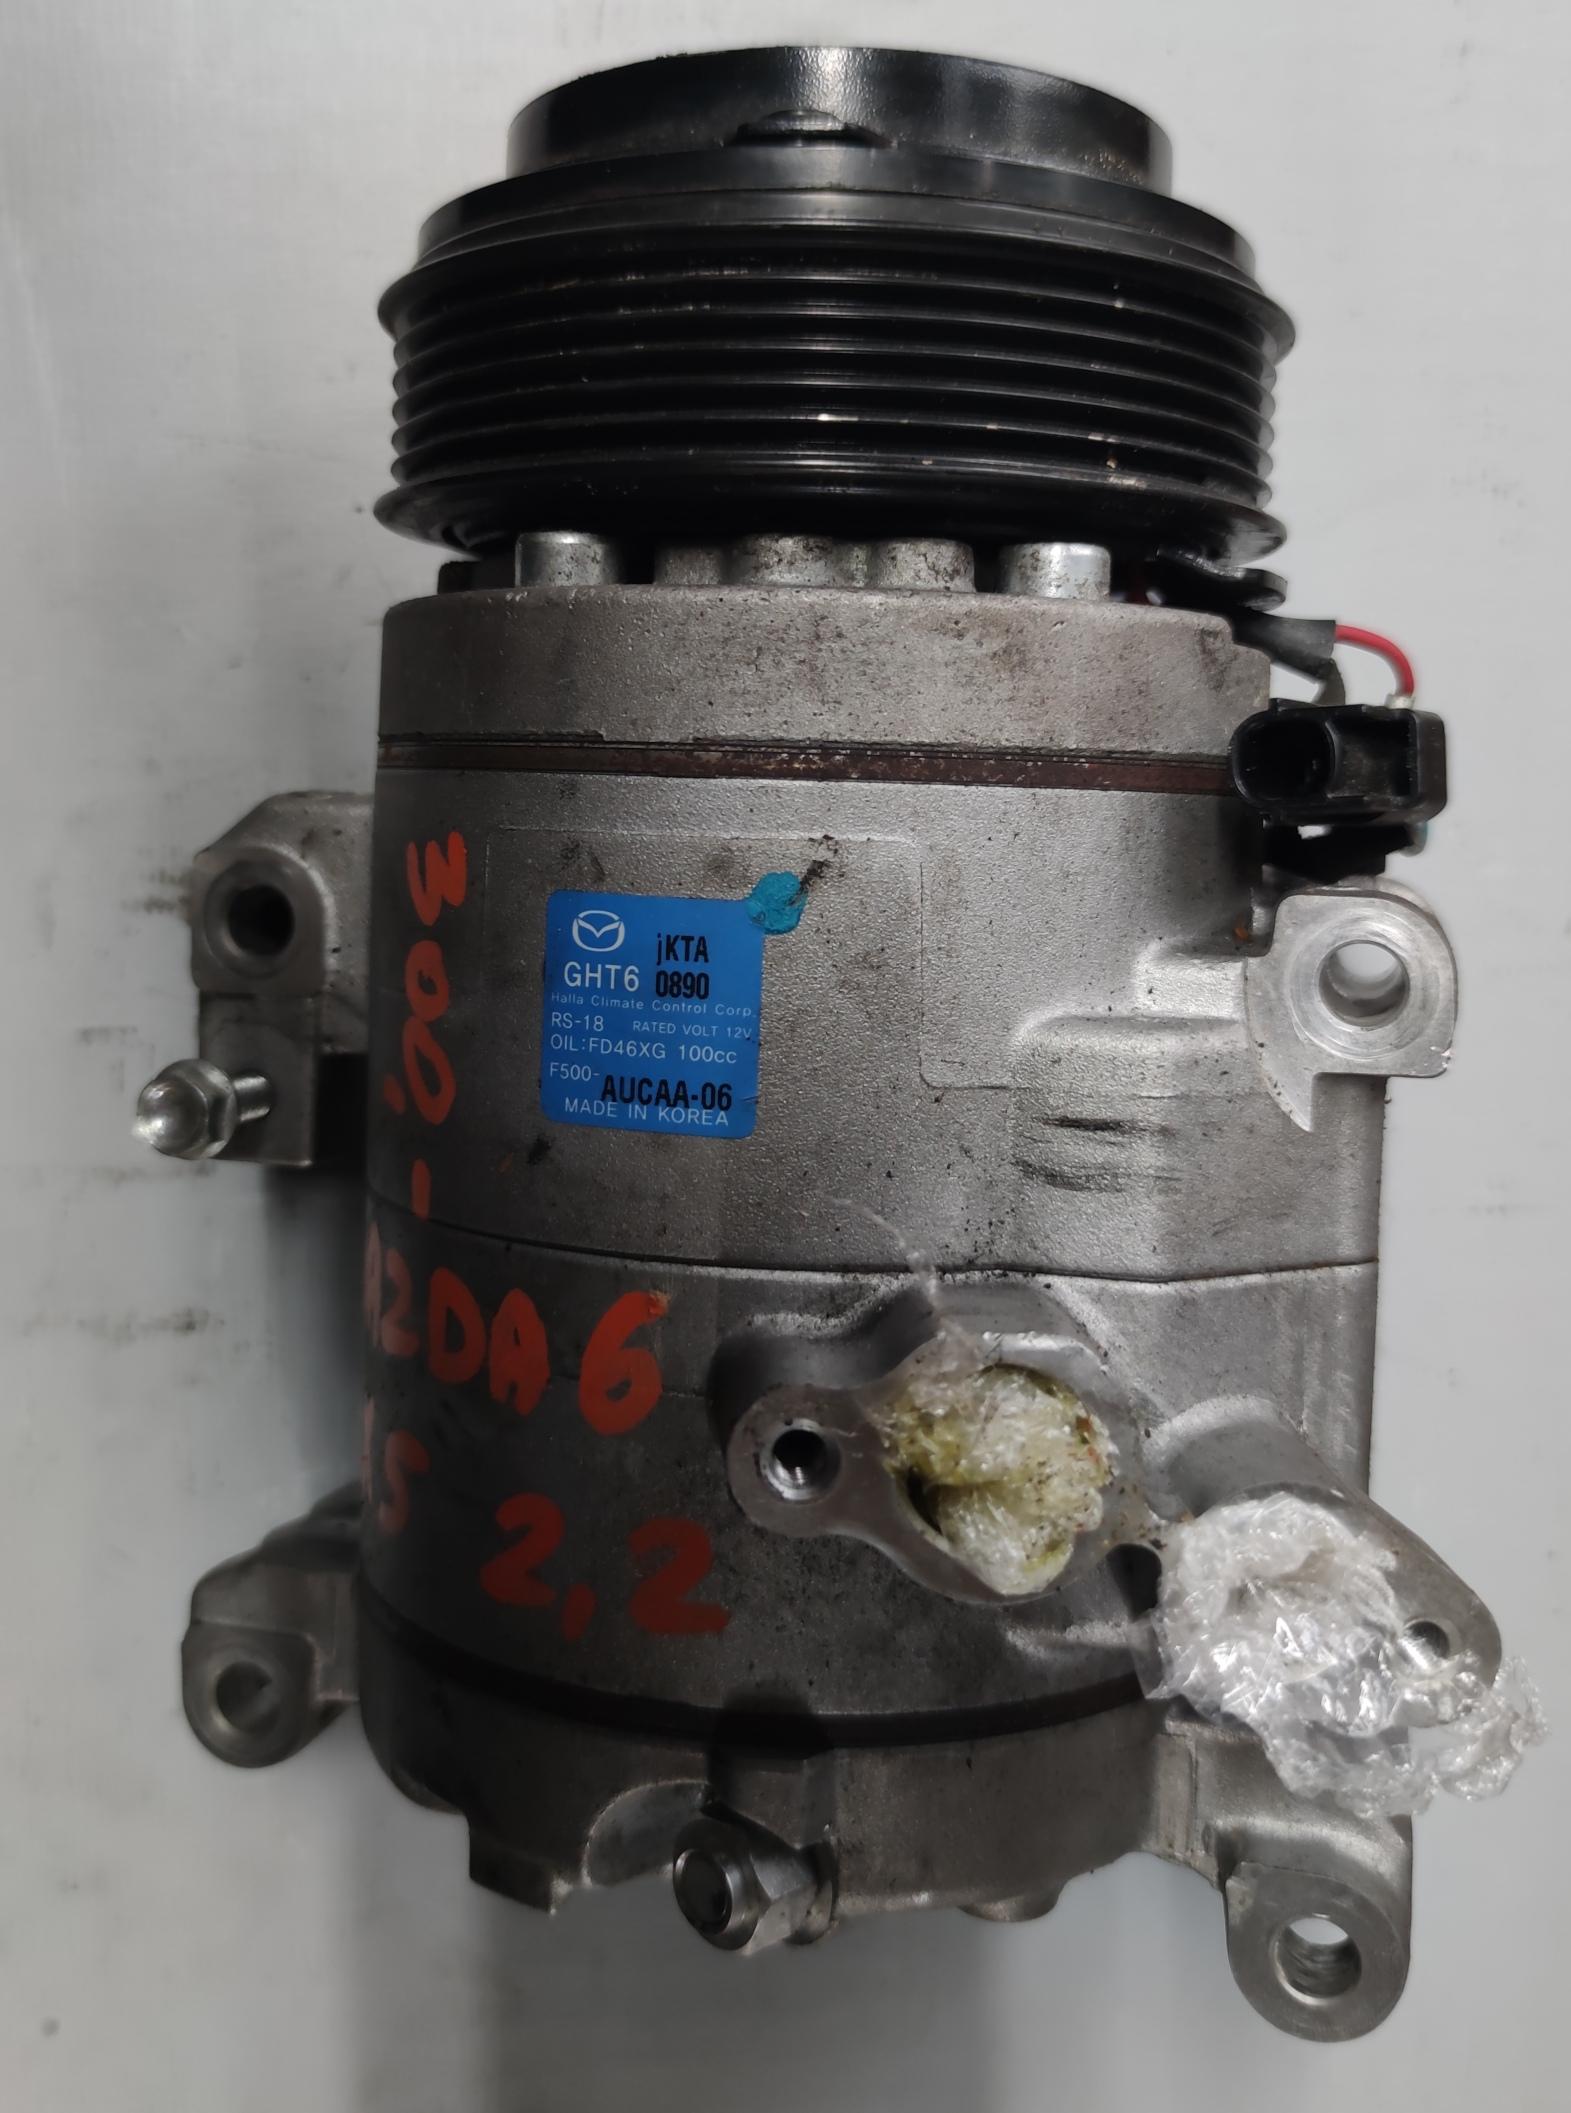 Sprężarka Kilmatyzacji Mada 6 2.2 D F500-AVCAA-06